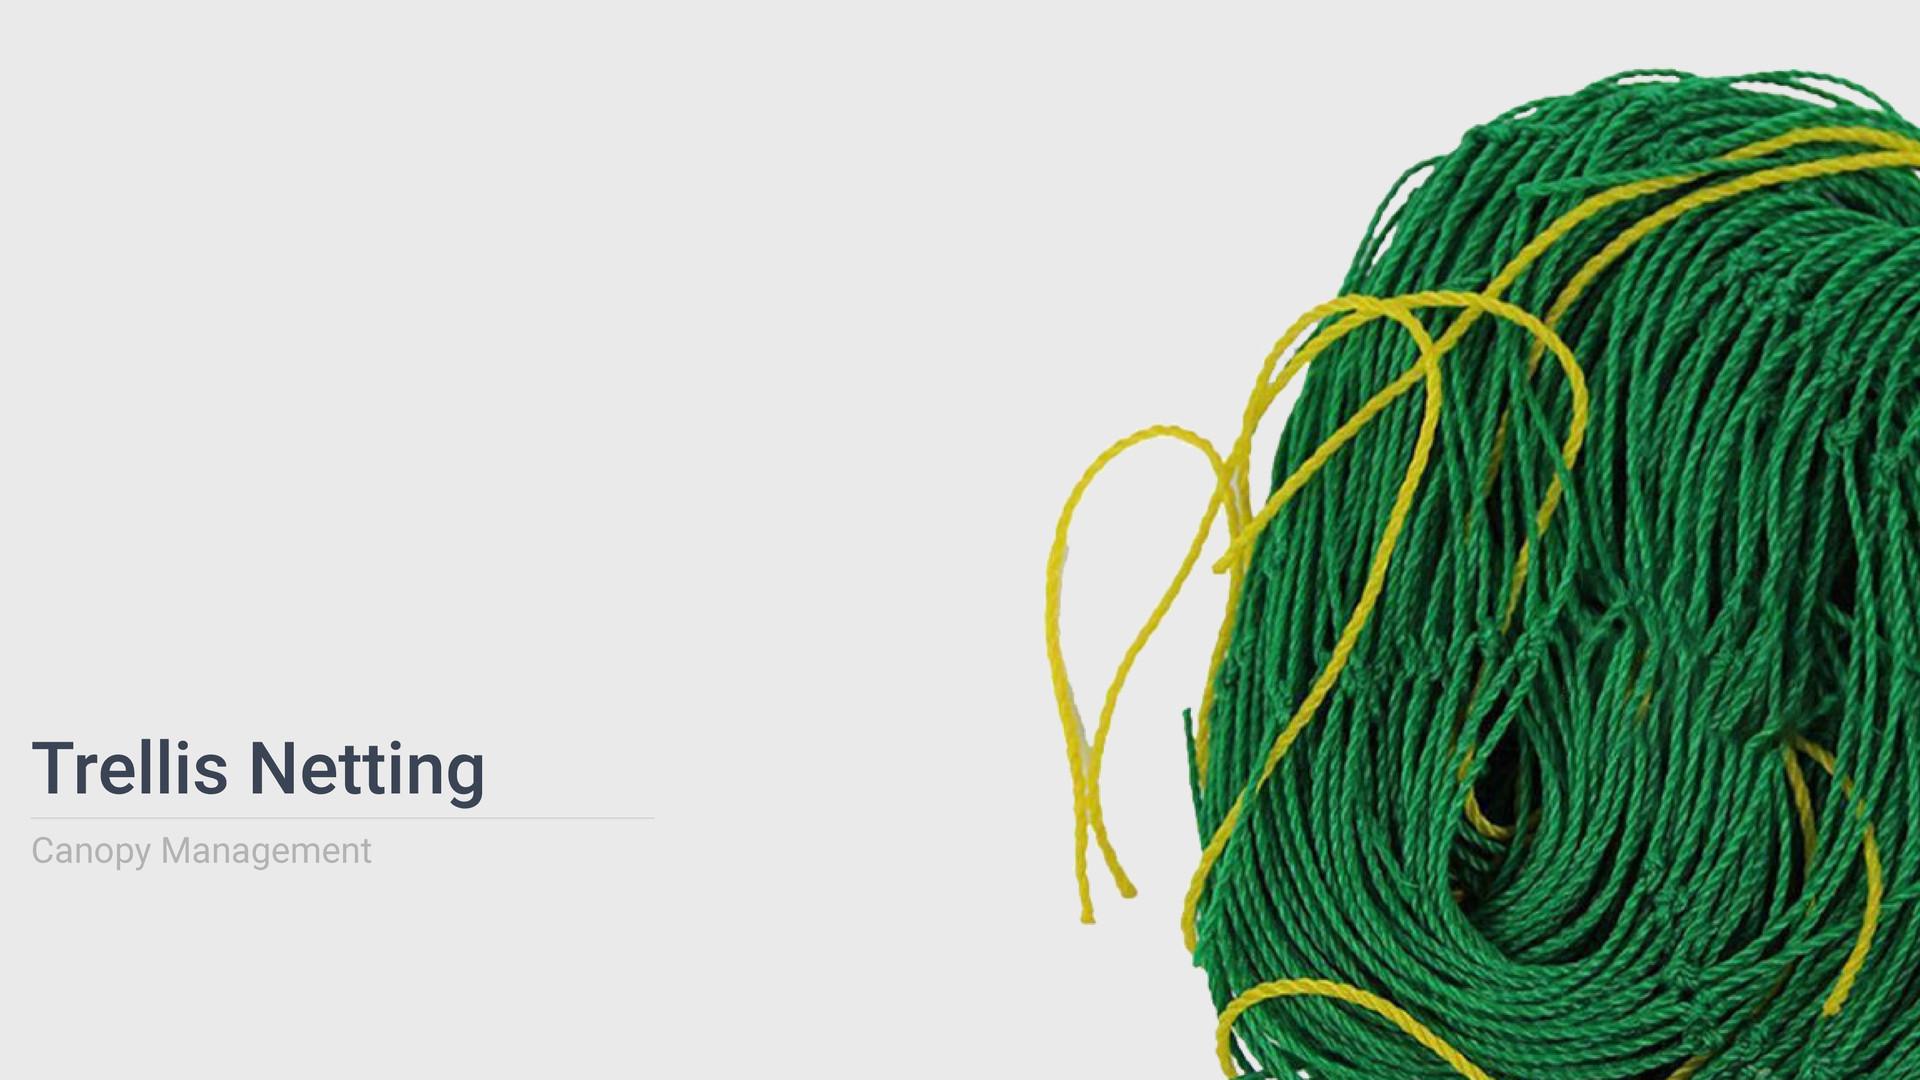 Tellis-Netting.jpg